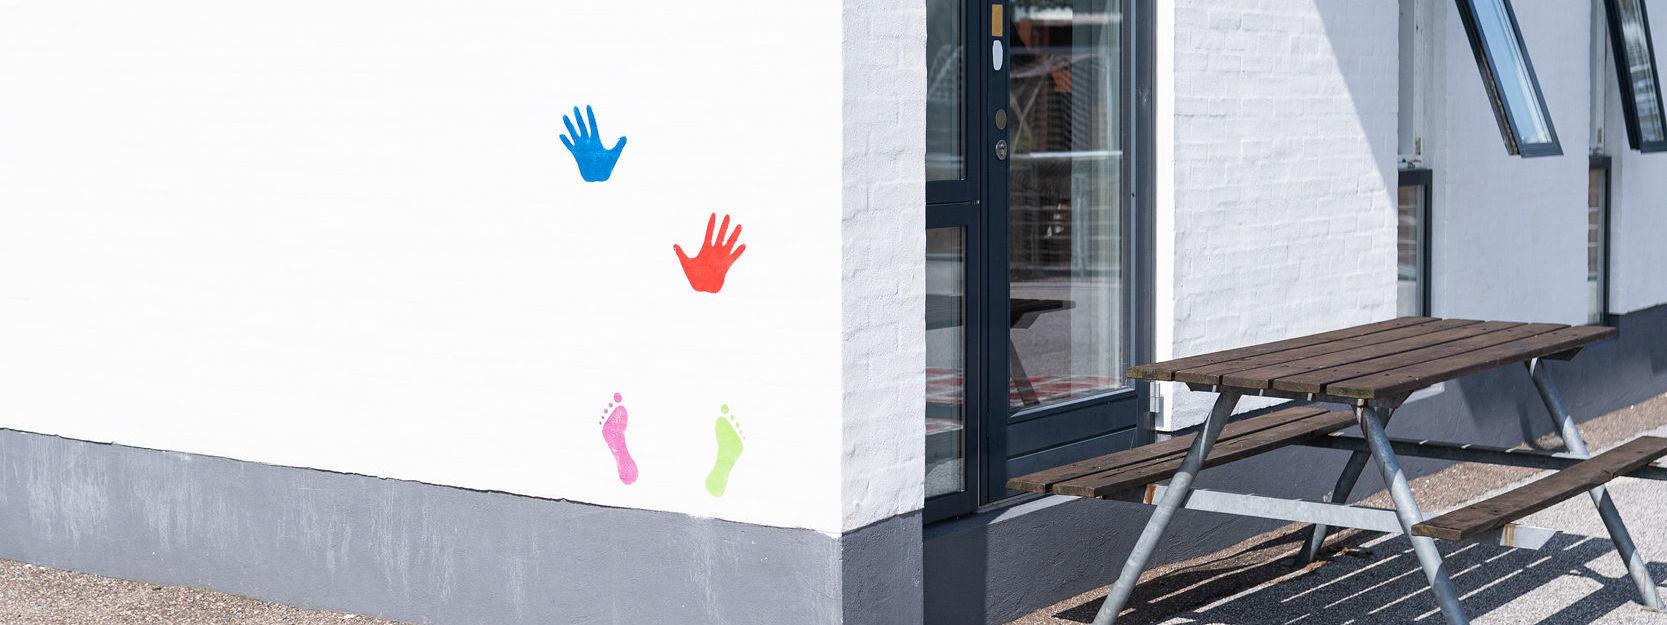 Farvede hænder og fødder malet på mur